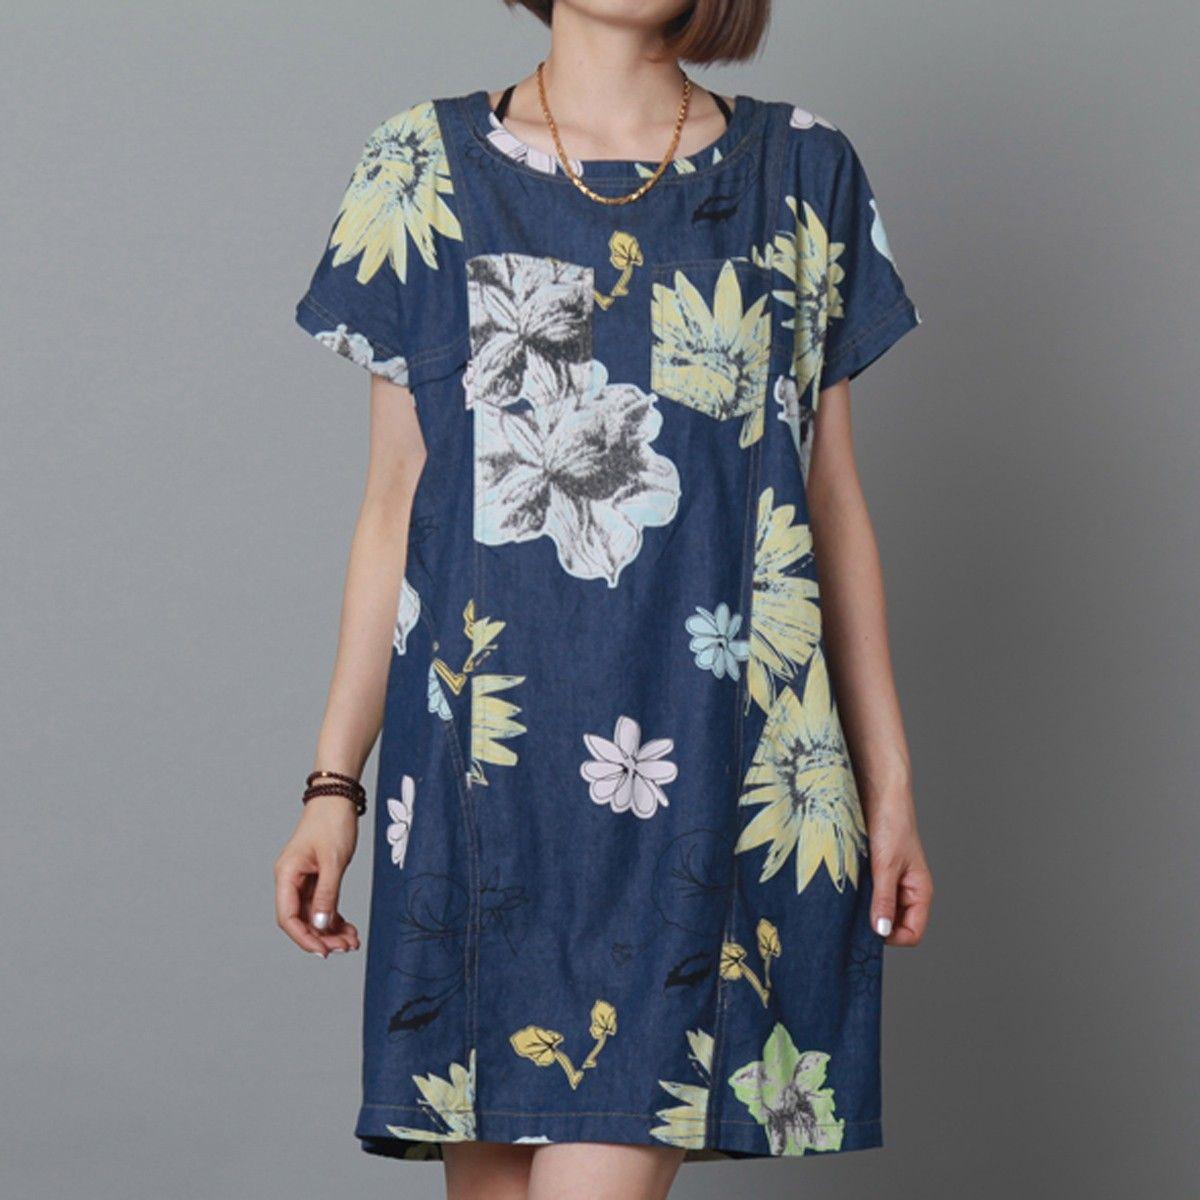 f27a47b75a Pure cotton navy floral sundress oversize shift dress summer maternity dress